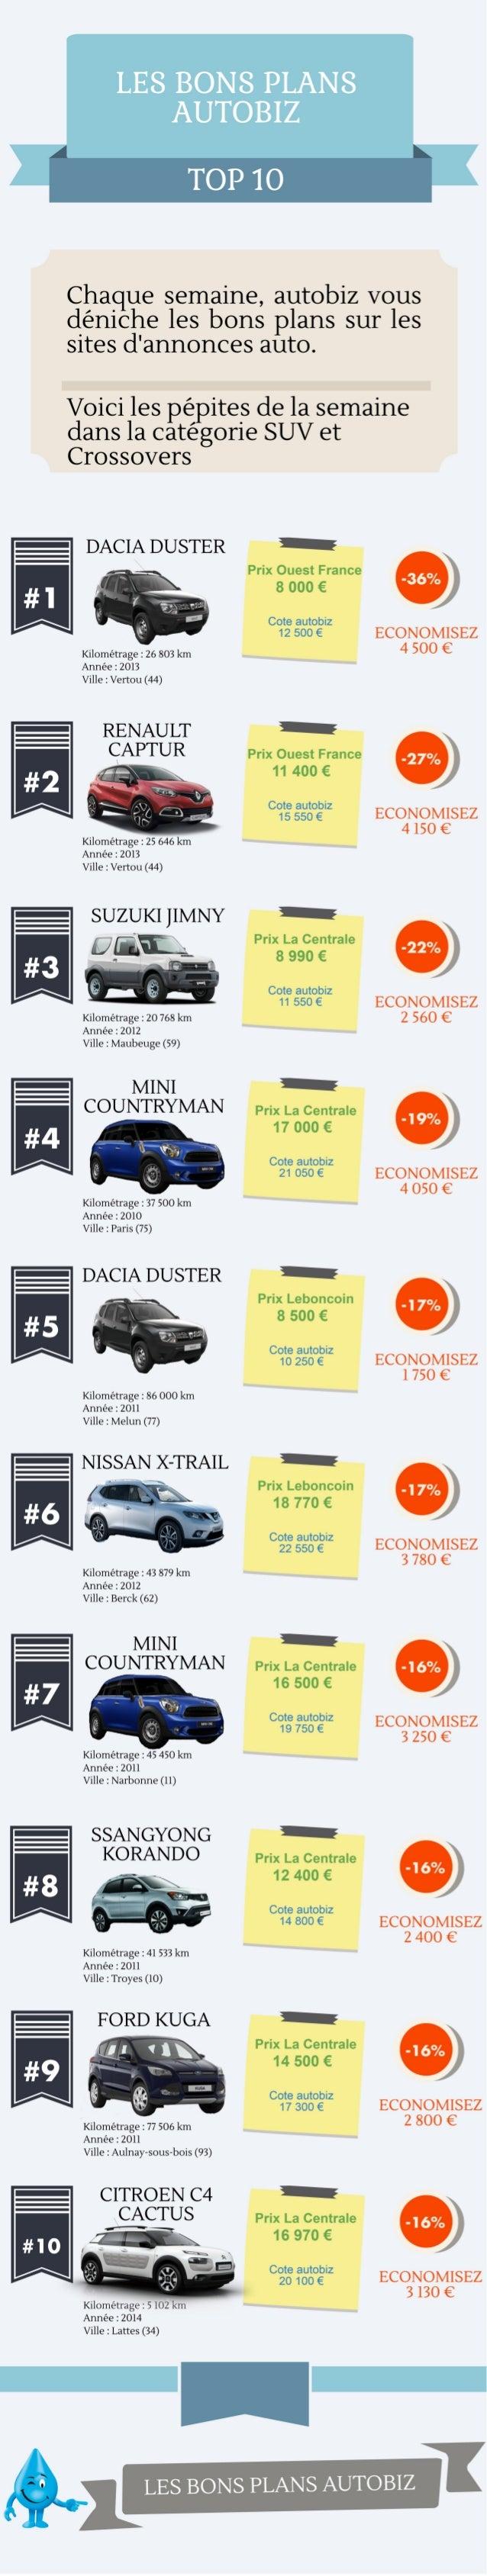 Bon plans autobiz : SUV et Crossovers